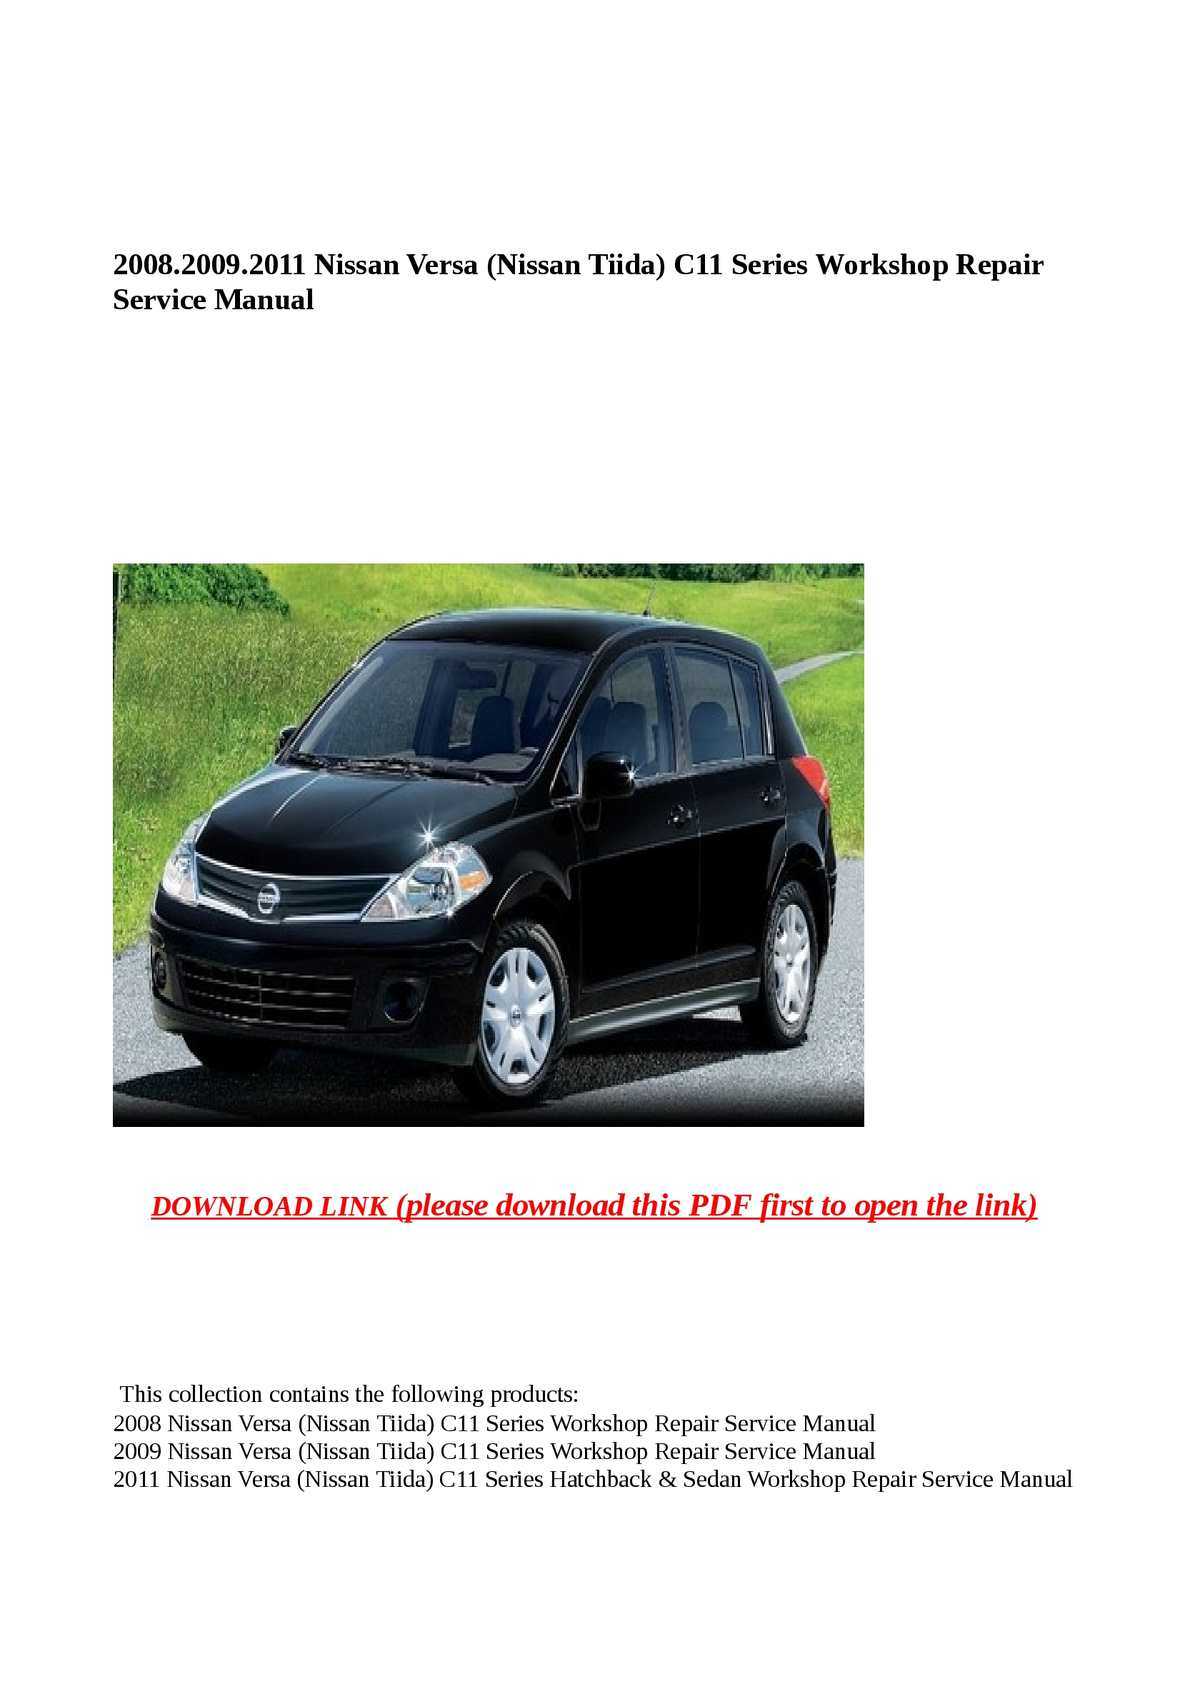 2009 nissan versa repair manual